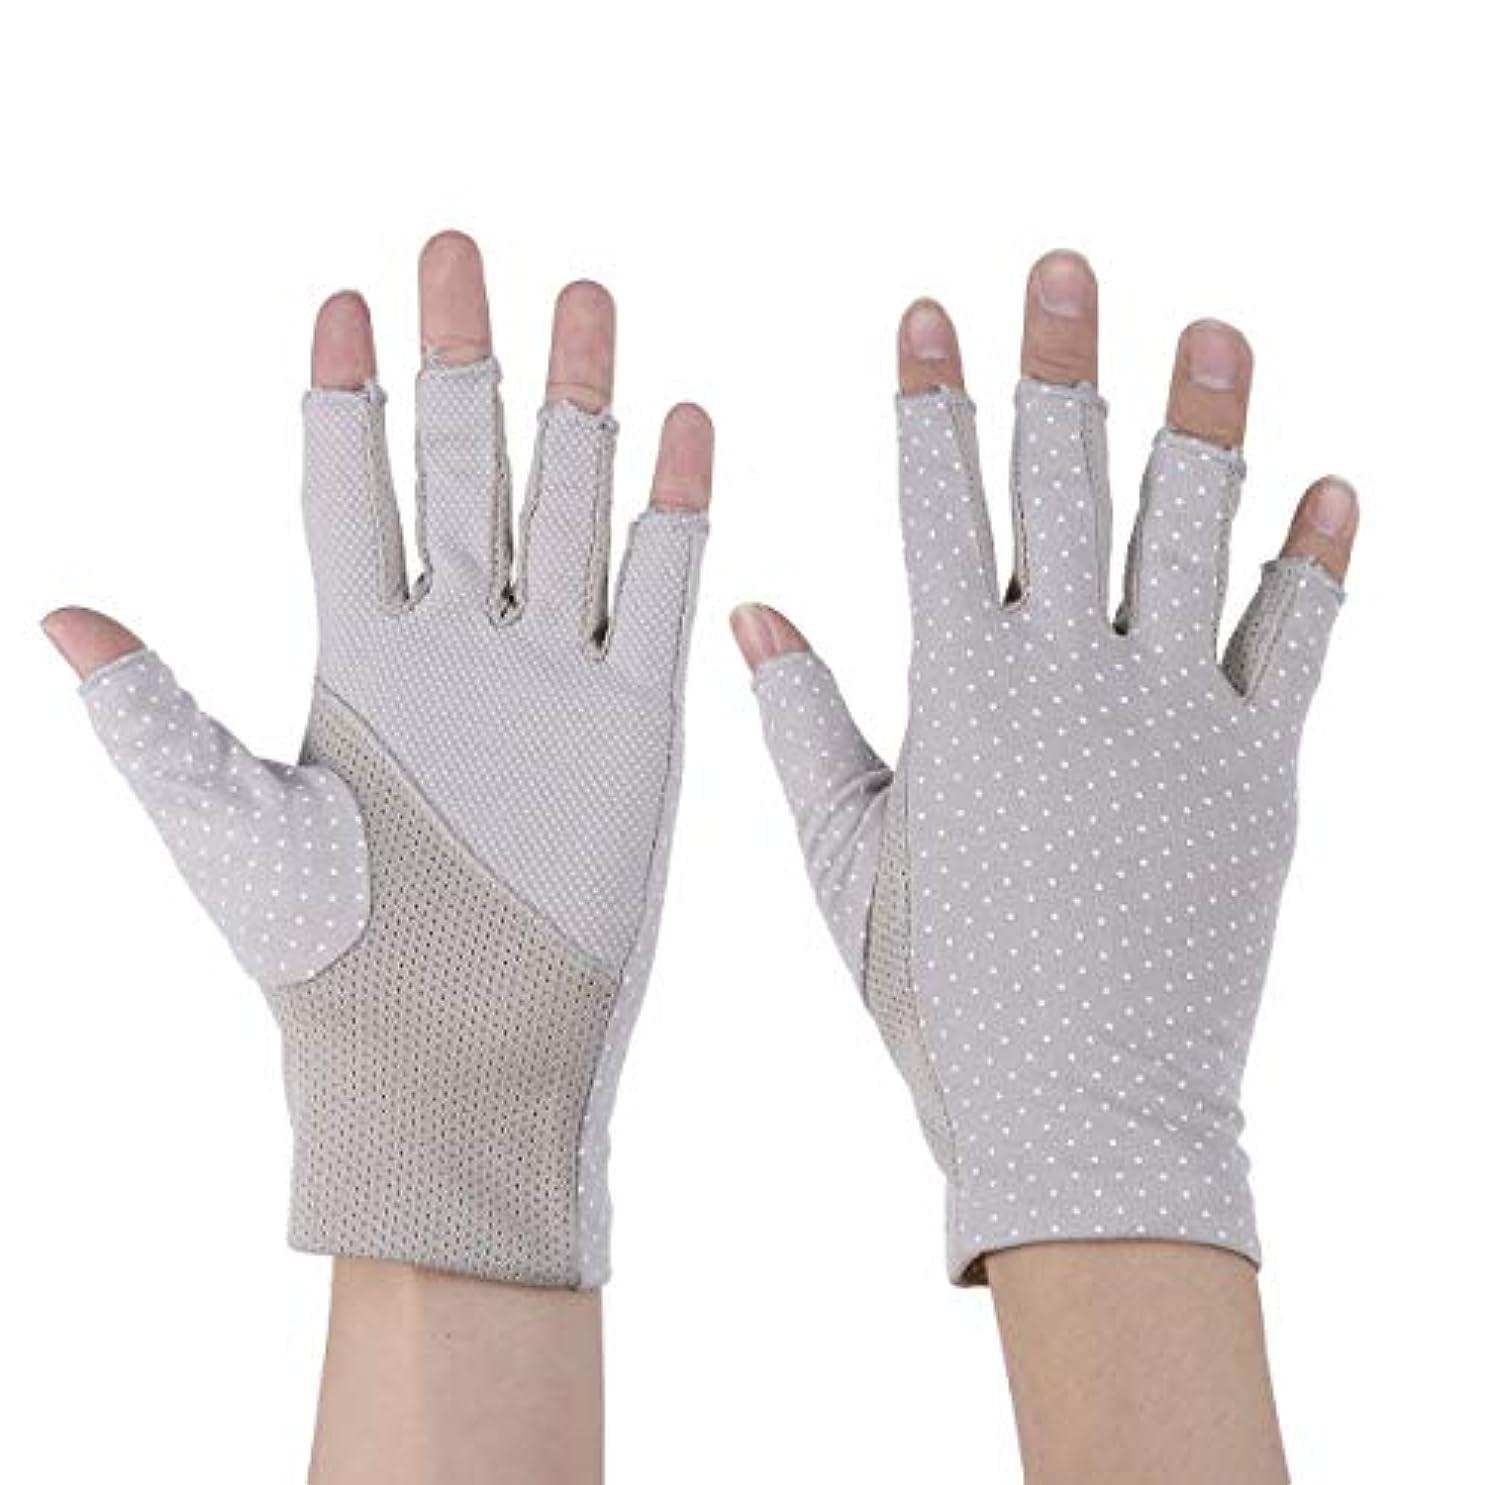 サイズ人口敬礼Healifty 1ペア日焼け止め手袋ワークアウトミトンハーフフィンガー紫外線保護手袋用サイクリンググレー